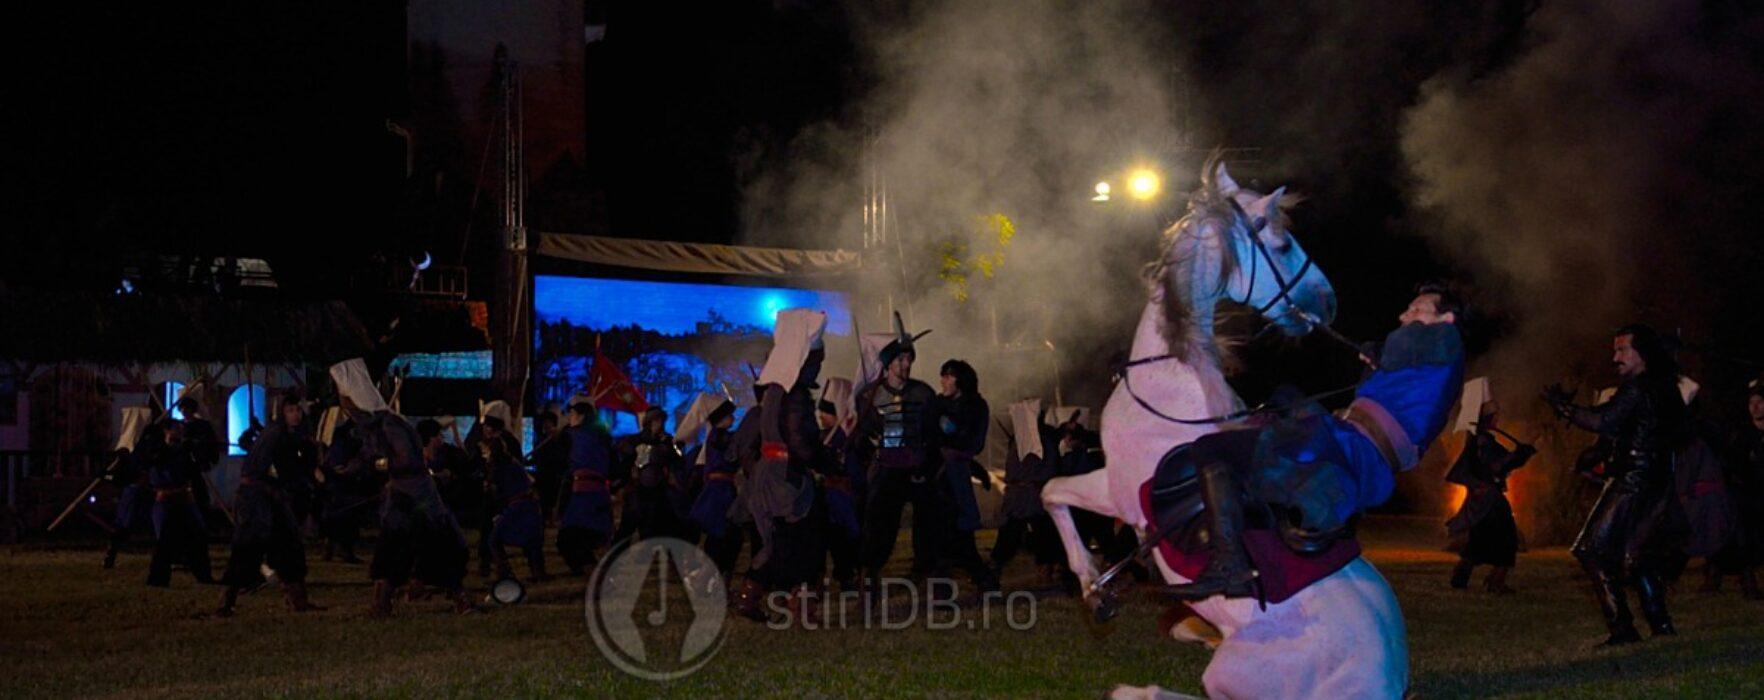 Lupte aprige între valahii lui Ţepeş şi otomani, la reeditarea atacului de noapte (foto, video)